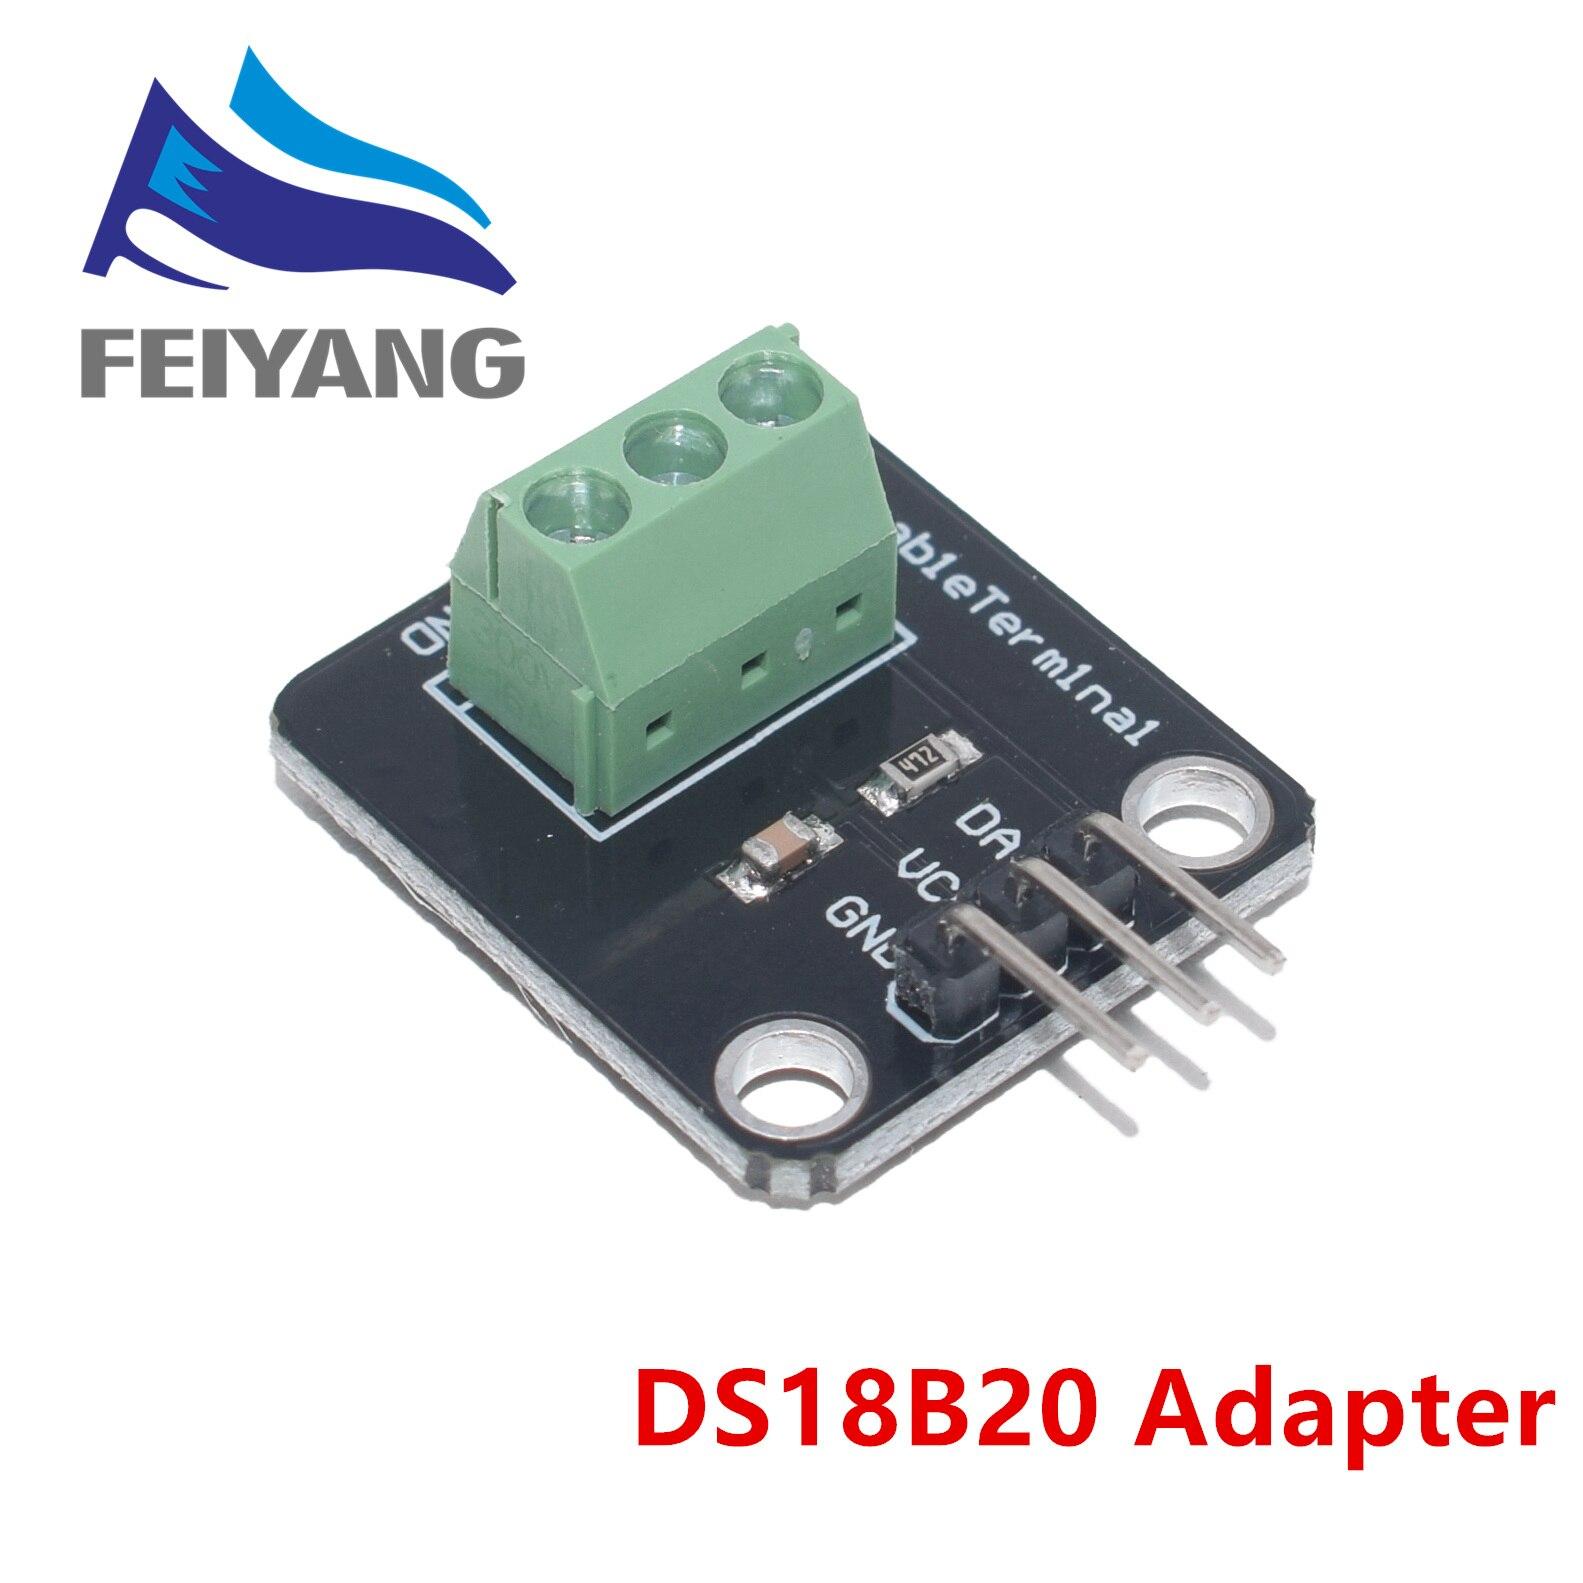 DS18B20 Температурный датчик модуль комплект водонепроницаемый 100 см цифровой датчик кабель из нержавеющей стали зонд терминал адаптер для ...